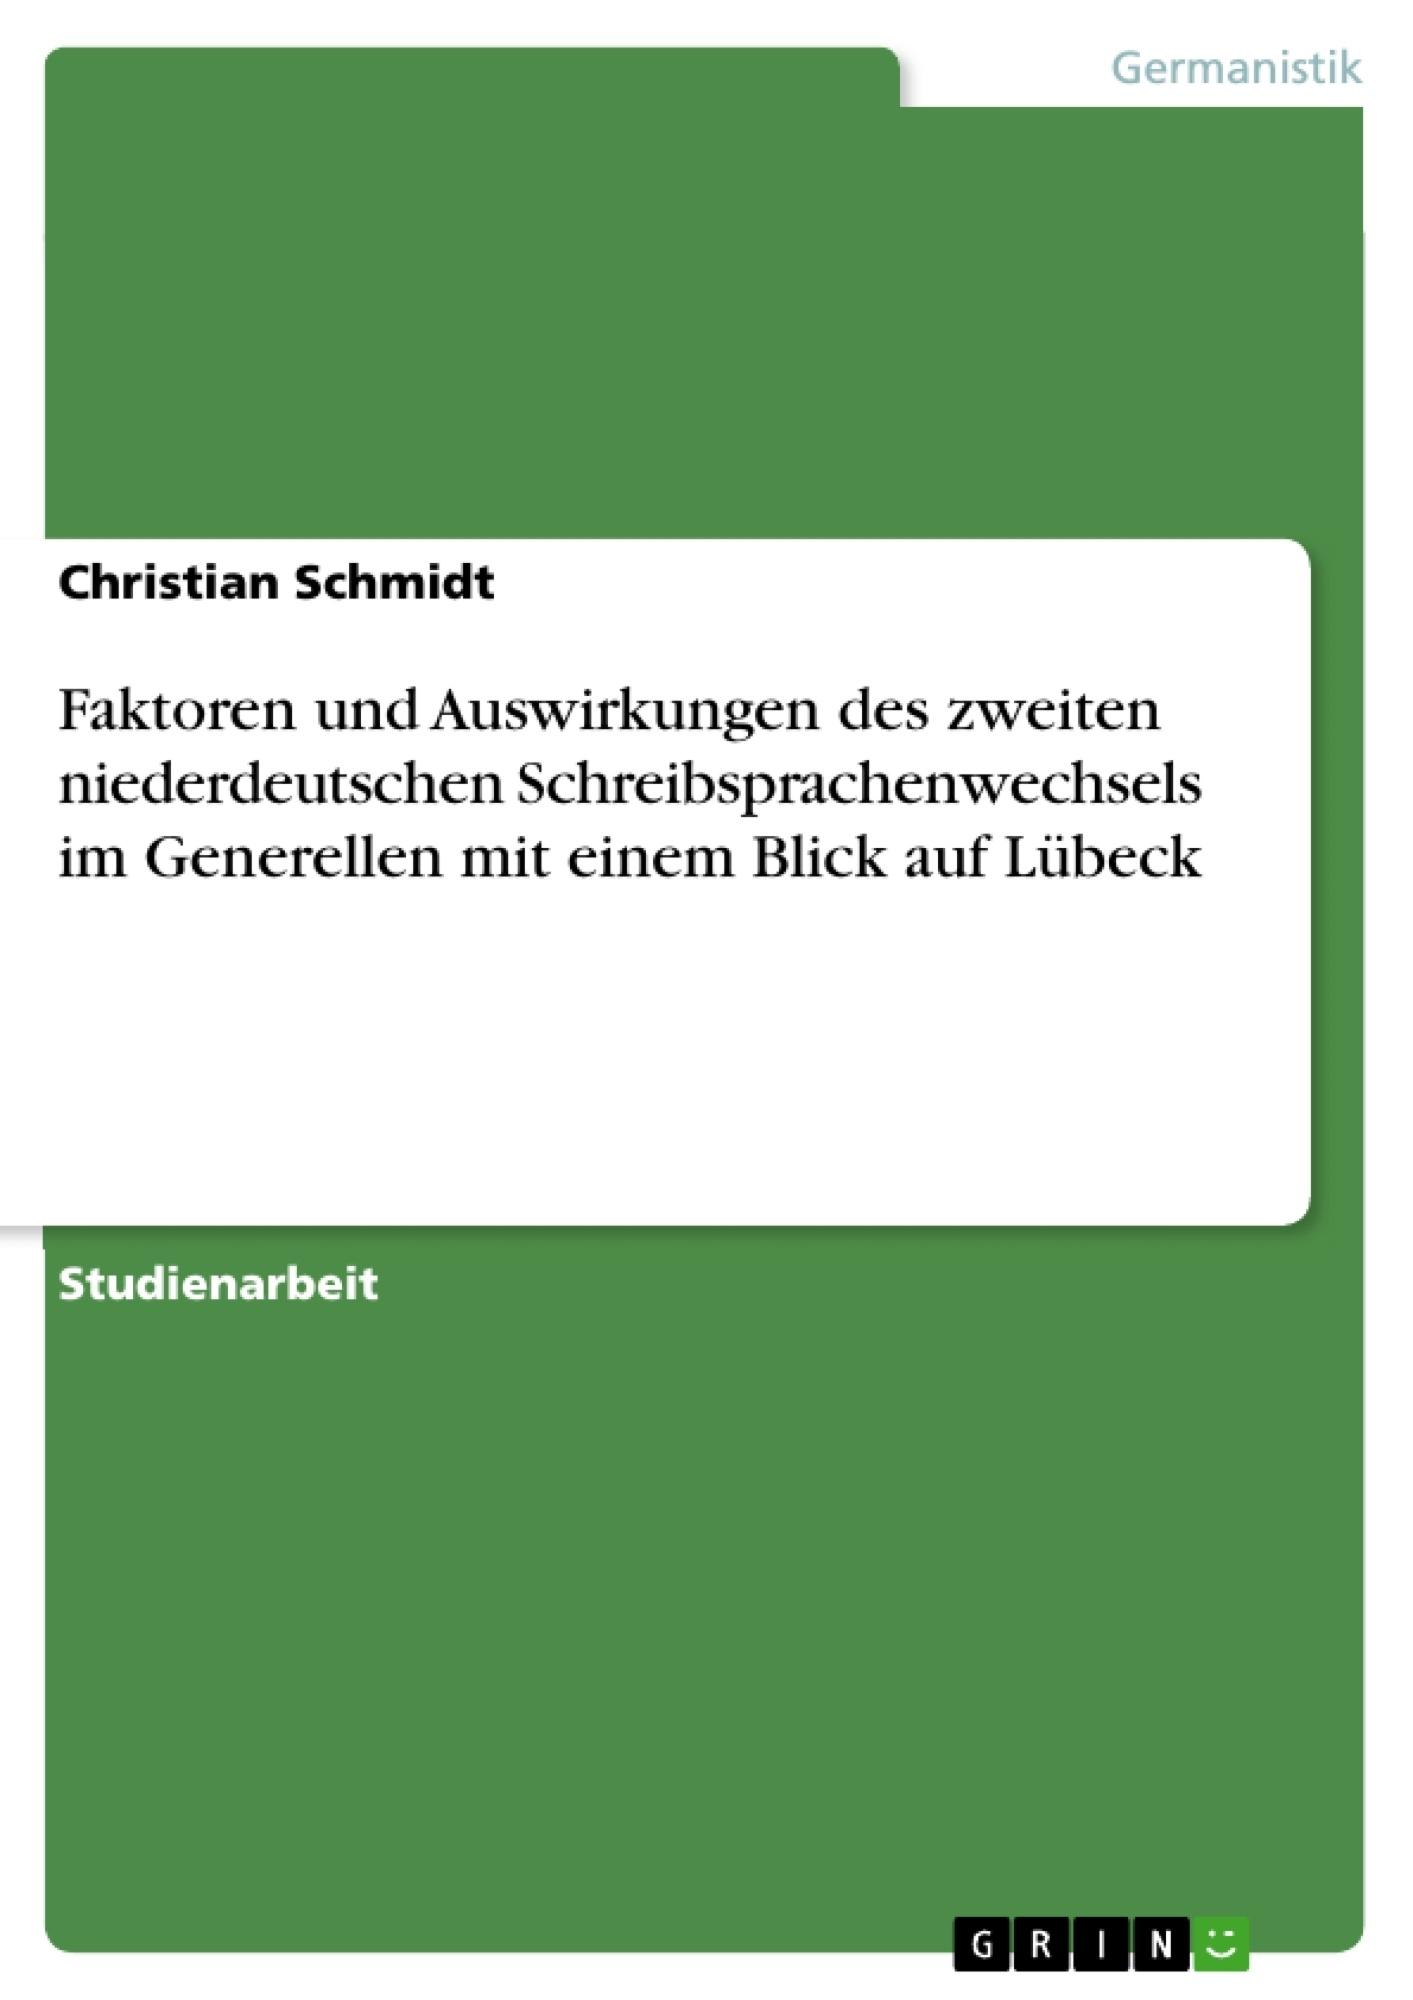 Titel: Faktoren und Auswirkungen des zweiten niederdeutschen Schreibsprachenwechsels im Generellen mit einem Blick auf Lübeck